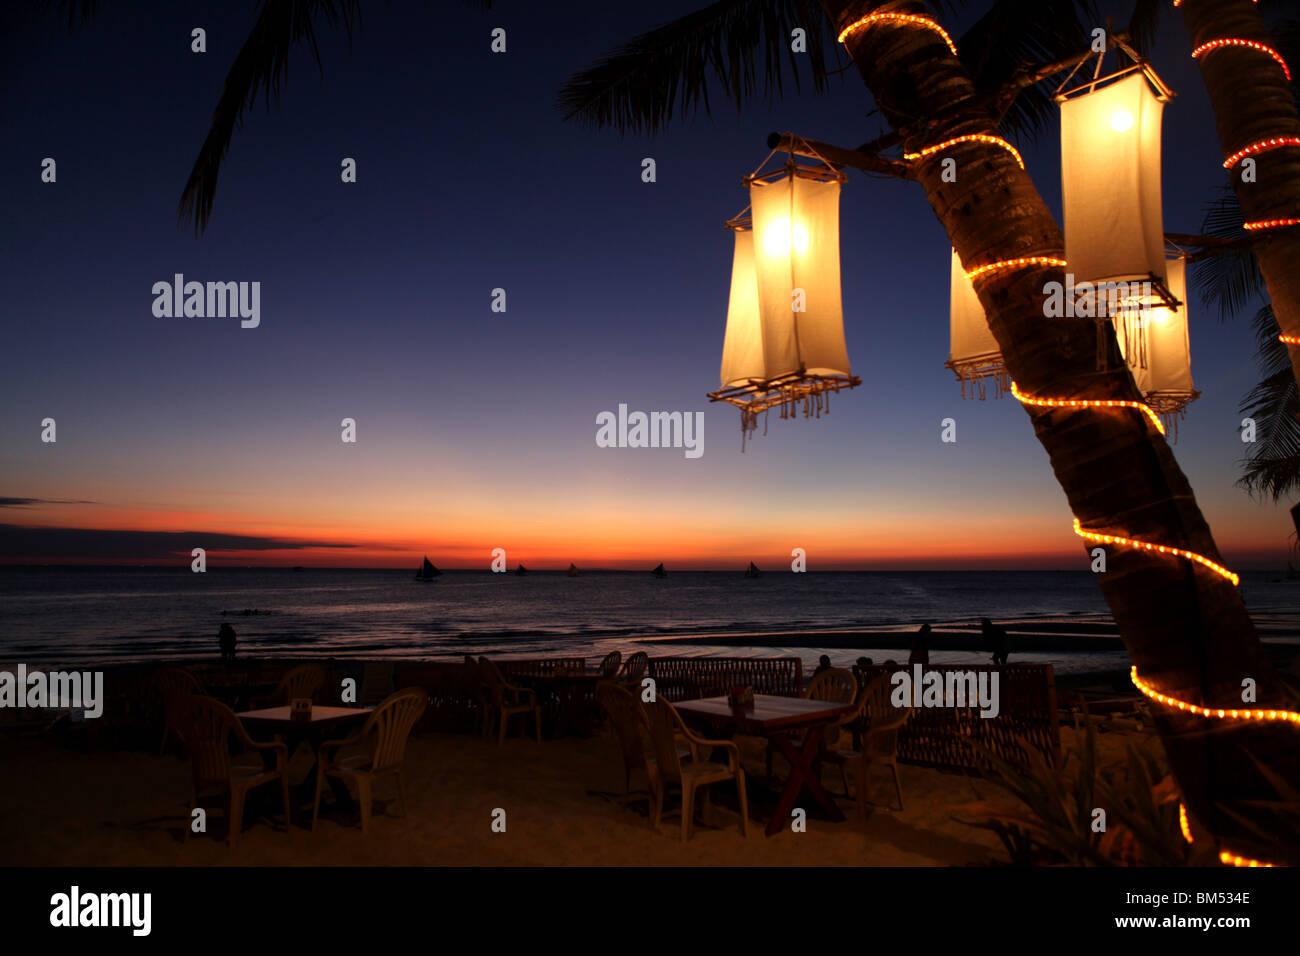 Coucher du soleil sur la plage Blanche, Boracay, la plus célèbre destination touristique aux Philippines. Photo Stock